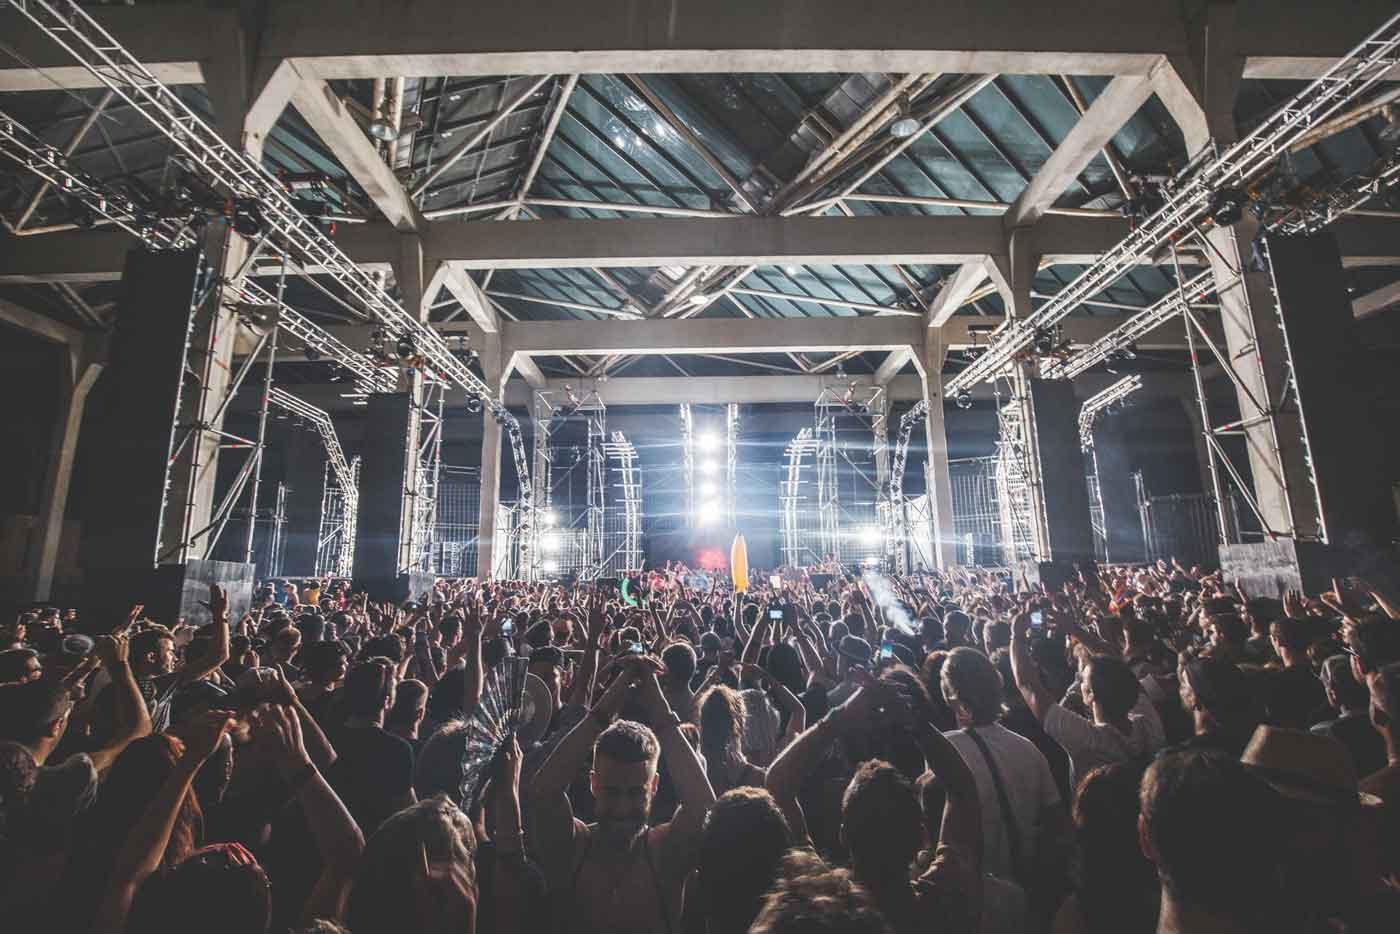 El festival DGTL desembarcará en Madrid en diciembre